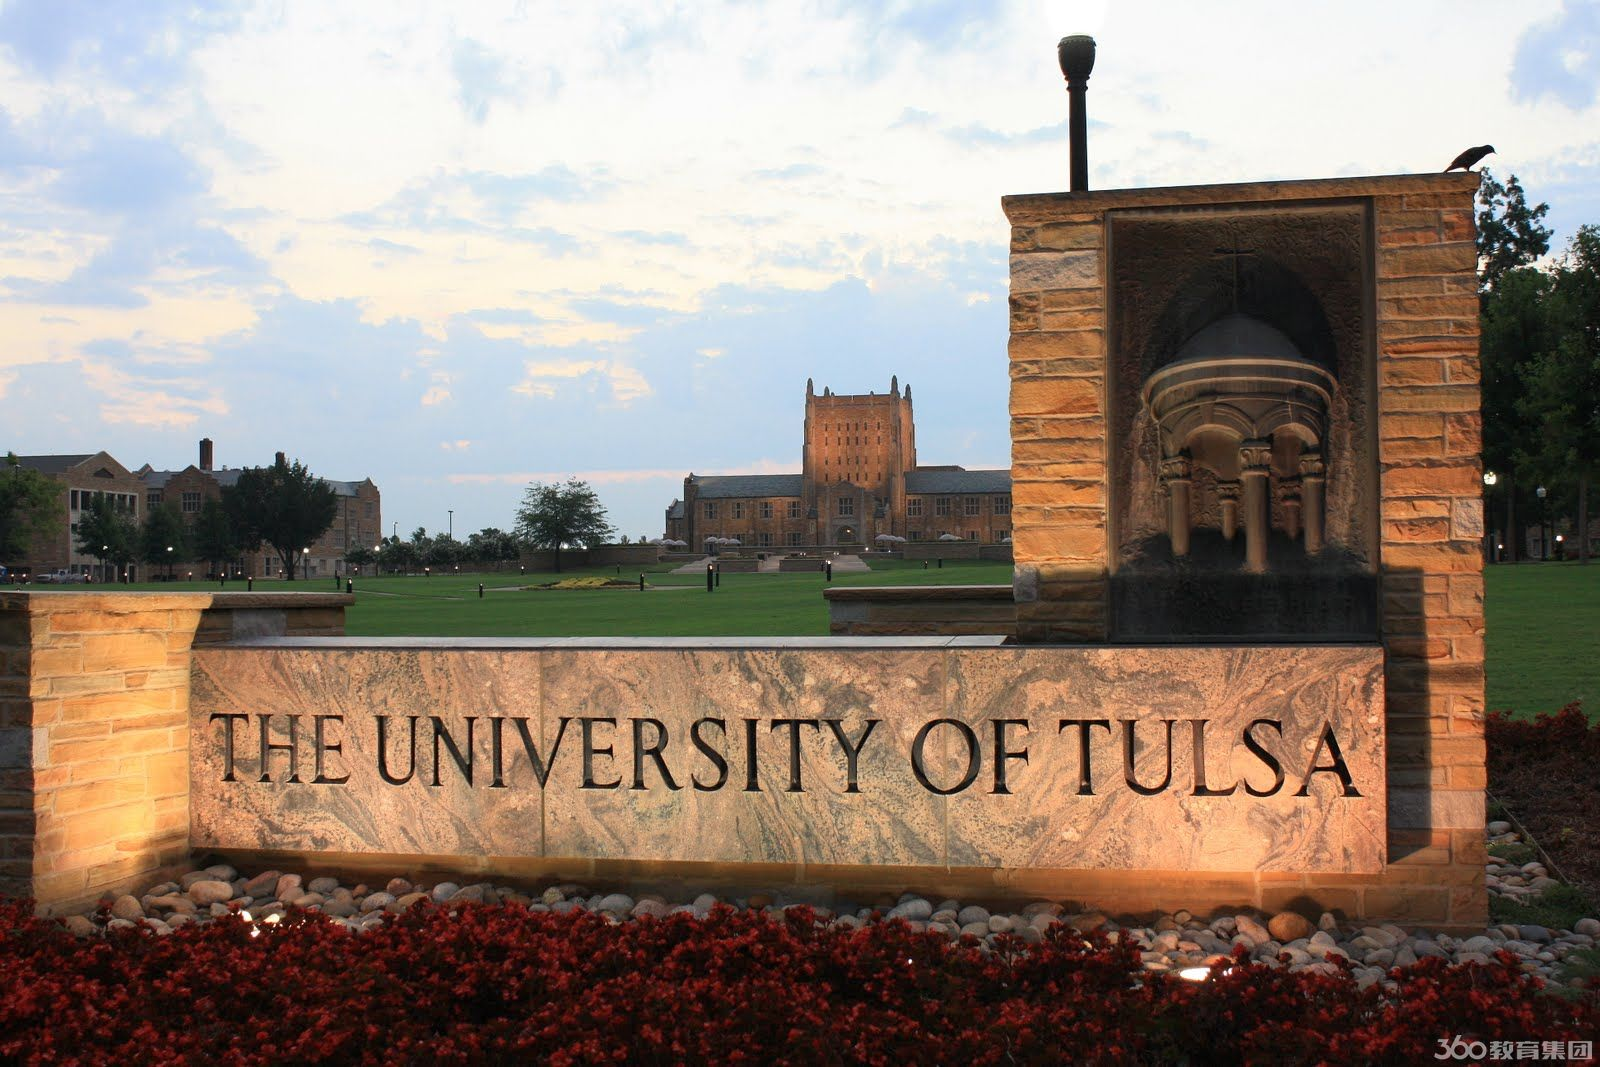 塔尔萨大学传播学 - 美国留学网